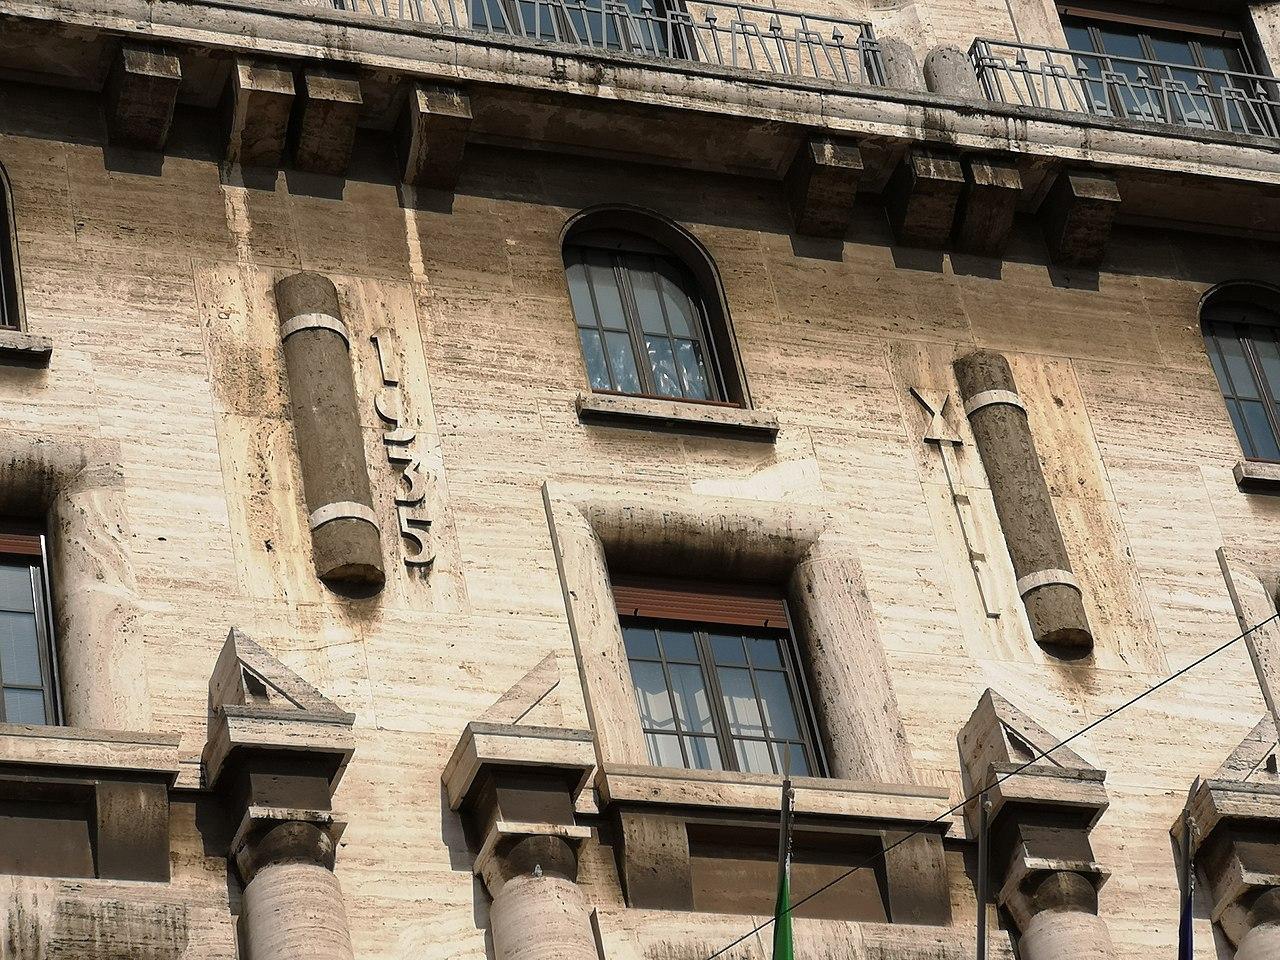 Die an der Fassade des Mailänder Finanzamtes immer noch sichtbaren Fasces von 1935 •Bartleby08 • CC BY-SA 4.0